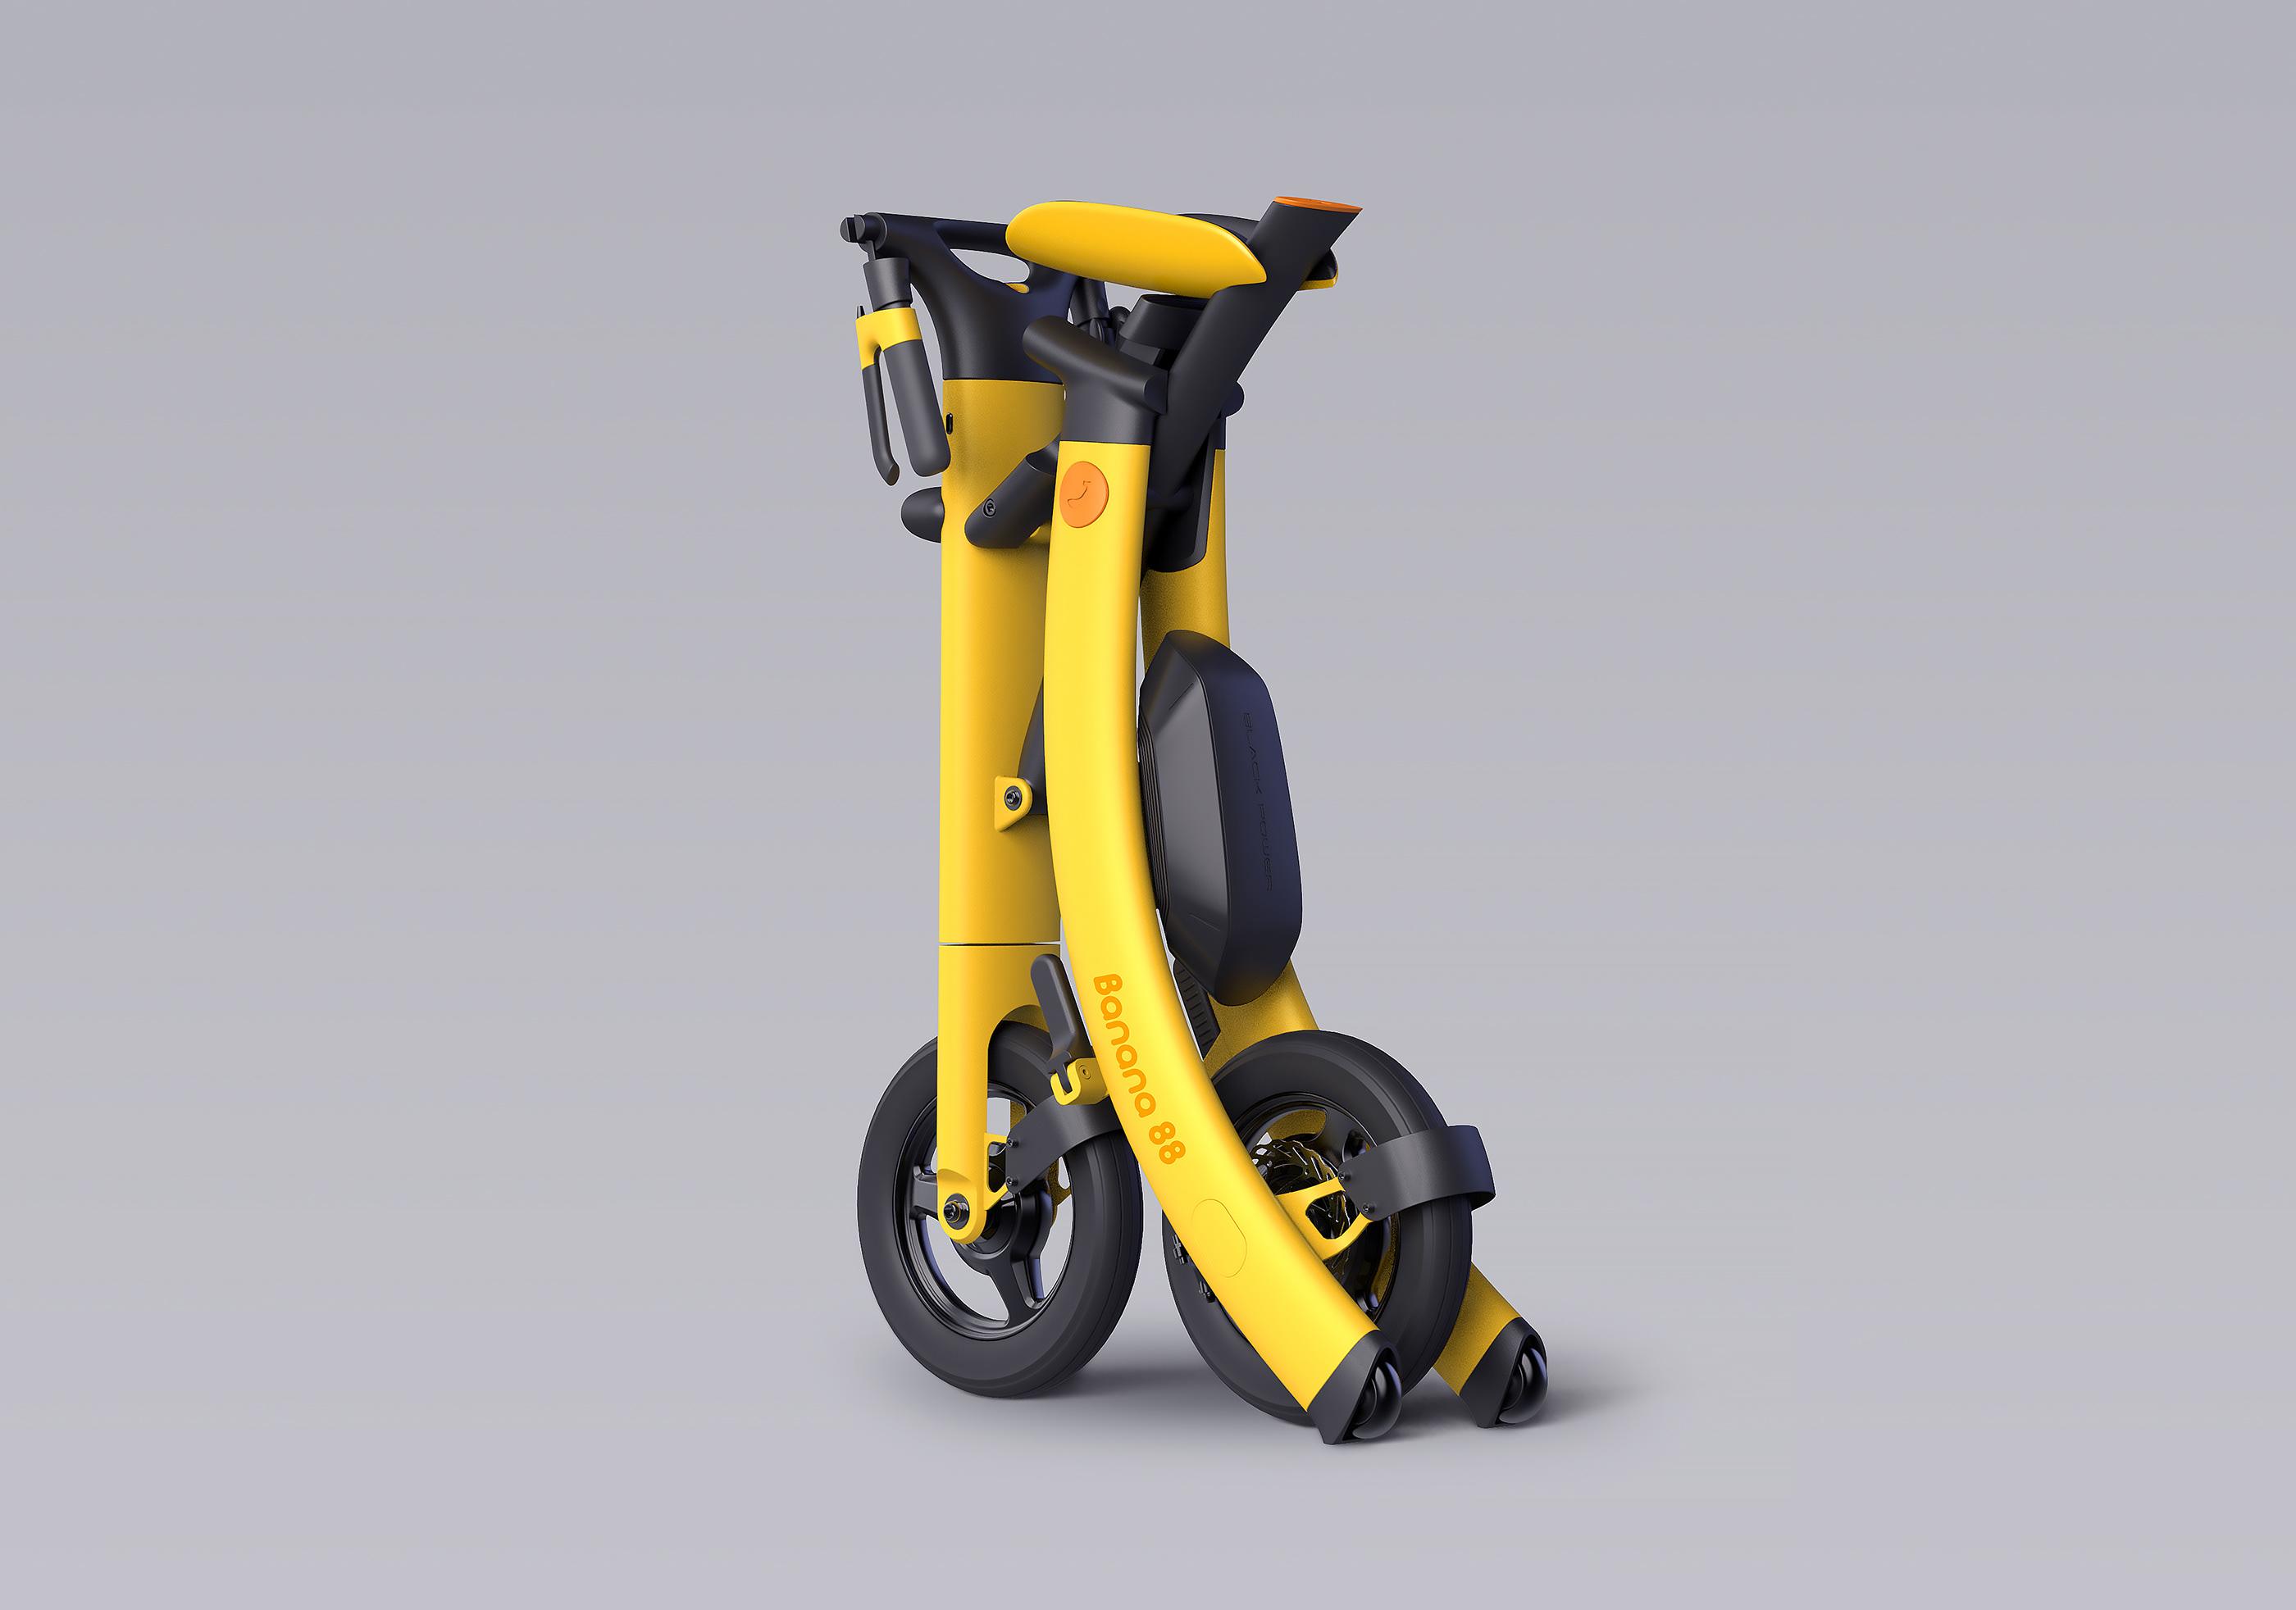 体育资讯_电动折叠滑板车Banana 88 - 视觉同盟(VisionUnion.com)